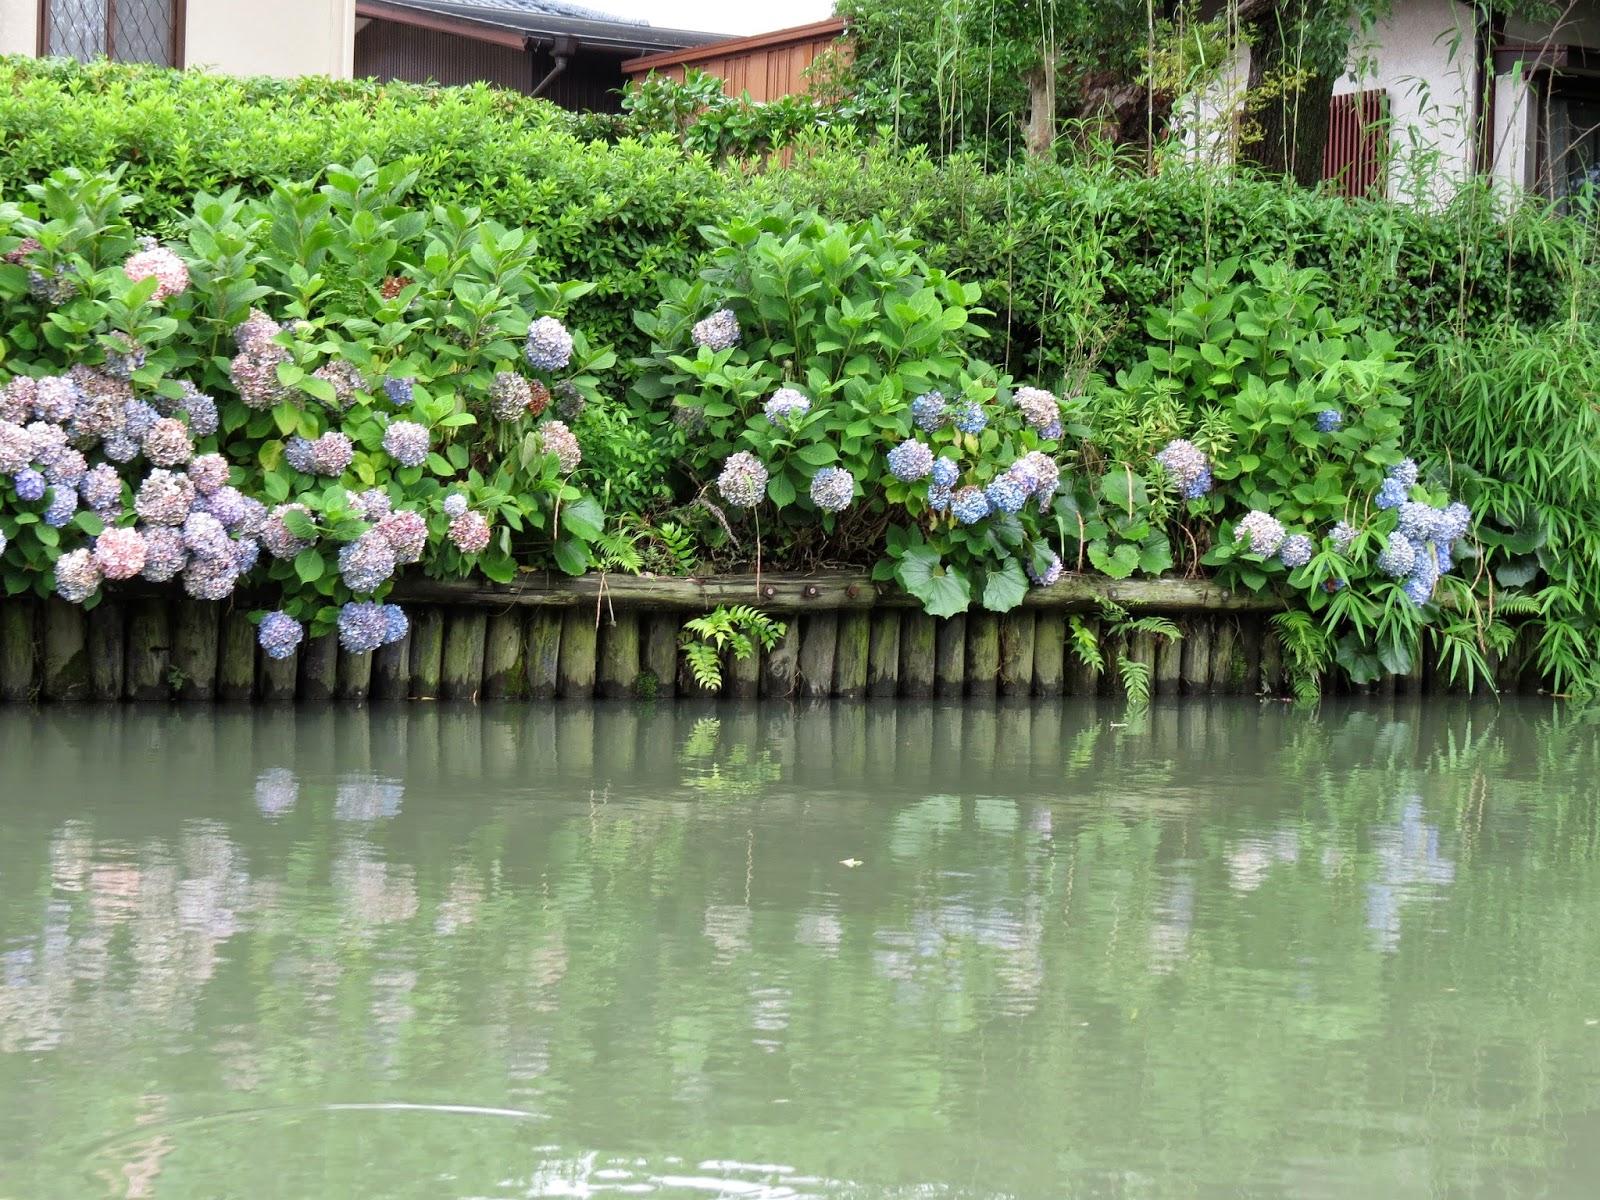 日本水乡 - 九州 柳川 - 长线旅游,特色景点,郊游